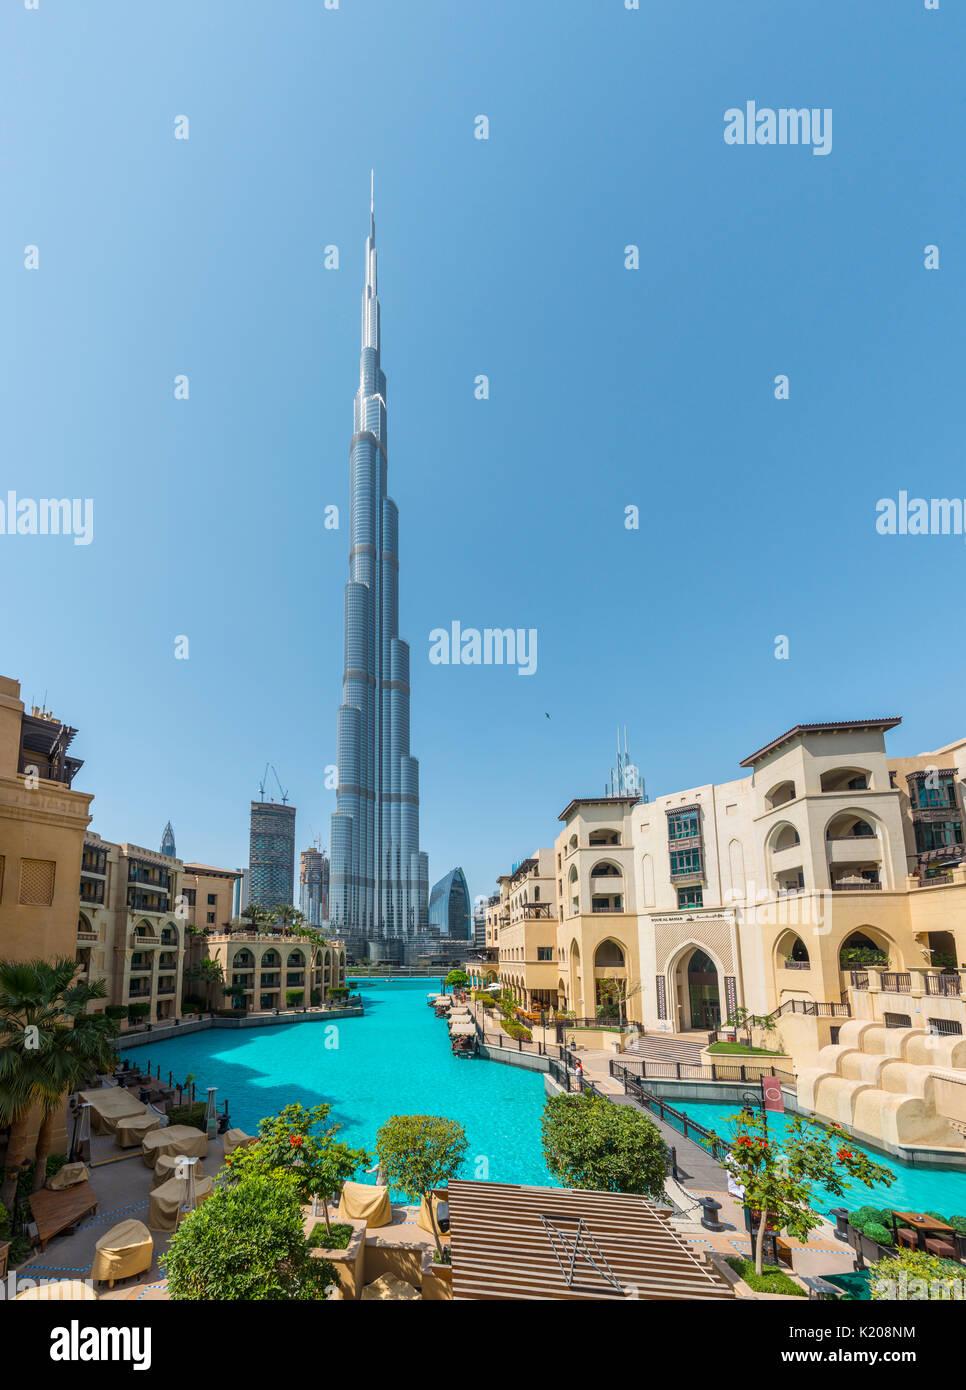 Burj Khalifa mit künstlichem See, Dubai, Emirat Dubai, Vereinigte Arabische Emirate Stockbild